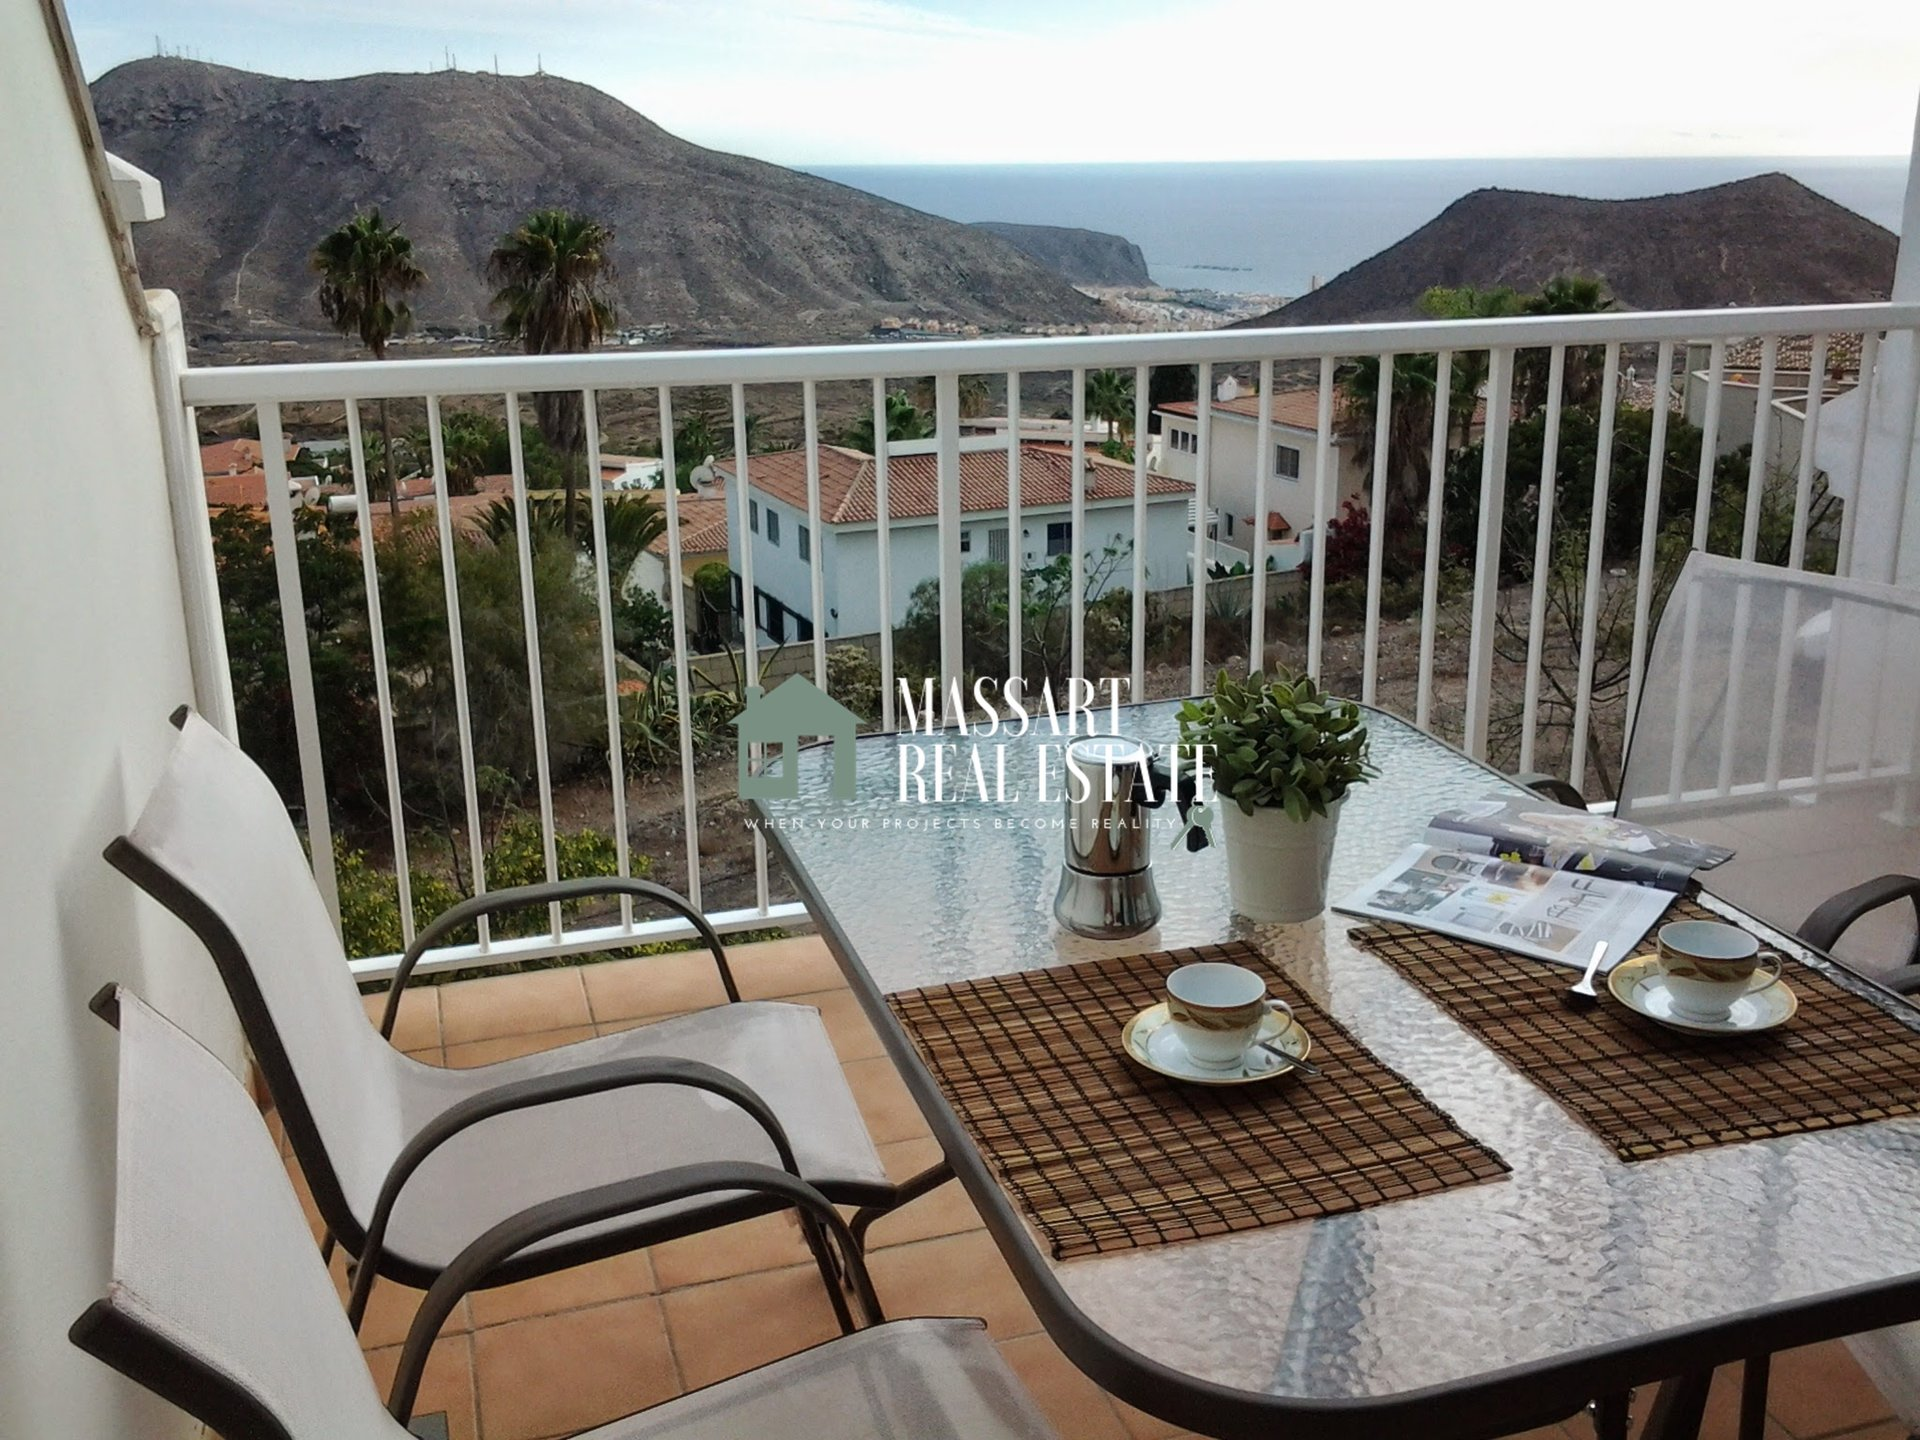 Bellissimo appartamento di 62 m2 situato a Chayofa (Mirador del Atlántico), in una delle zone più tranquille di Tenerife, a soli 5 minuti da Los Cristianos / Las Américas.